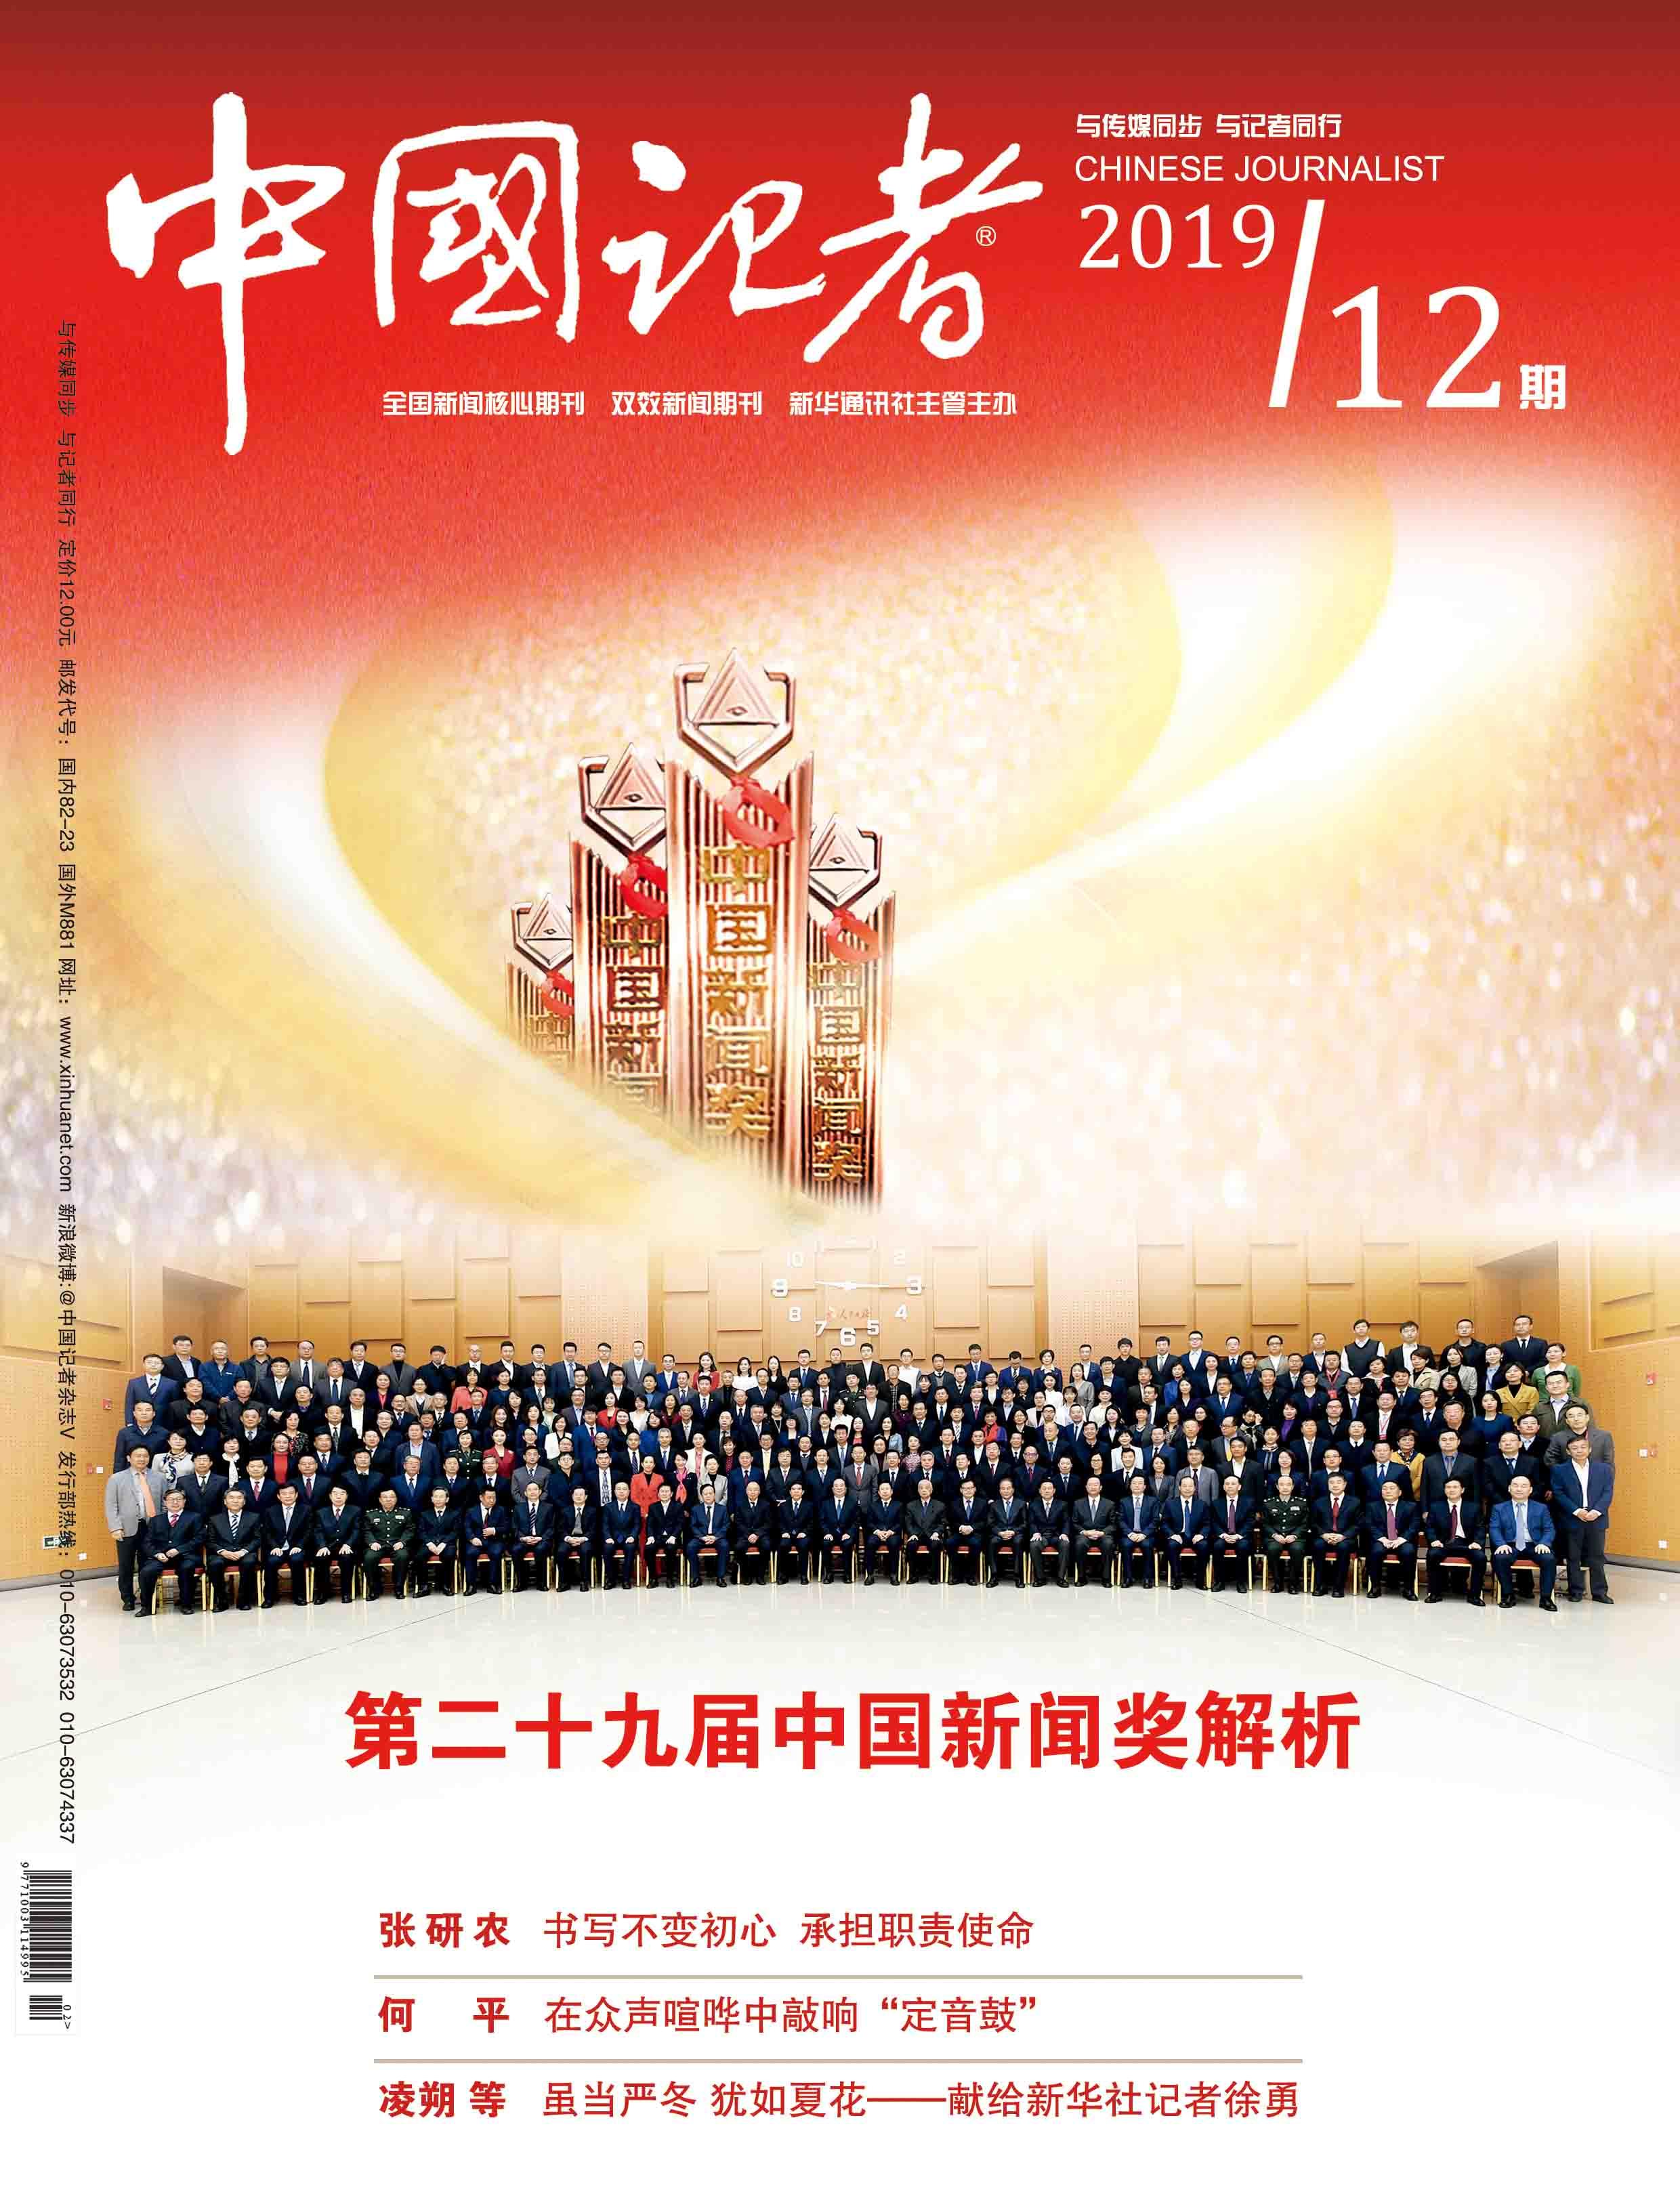 中國記者雜志封面